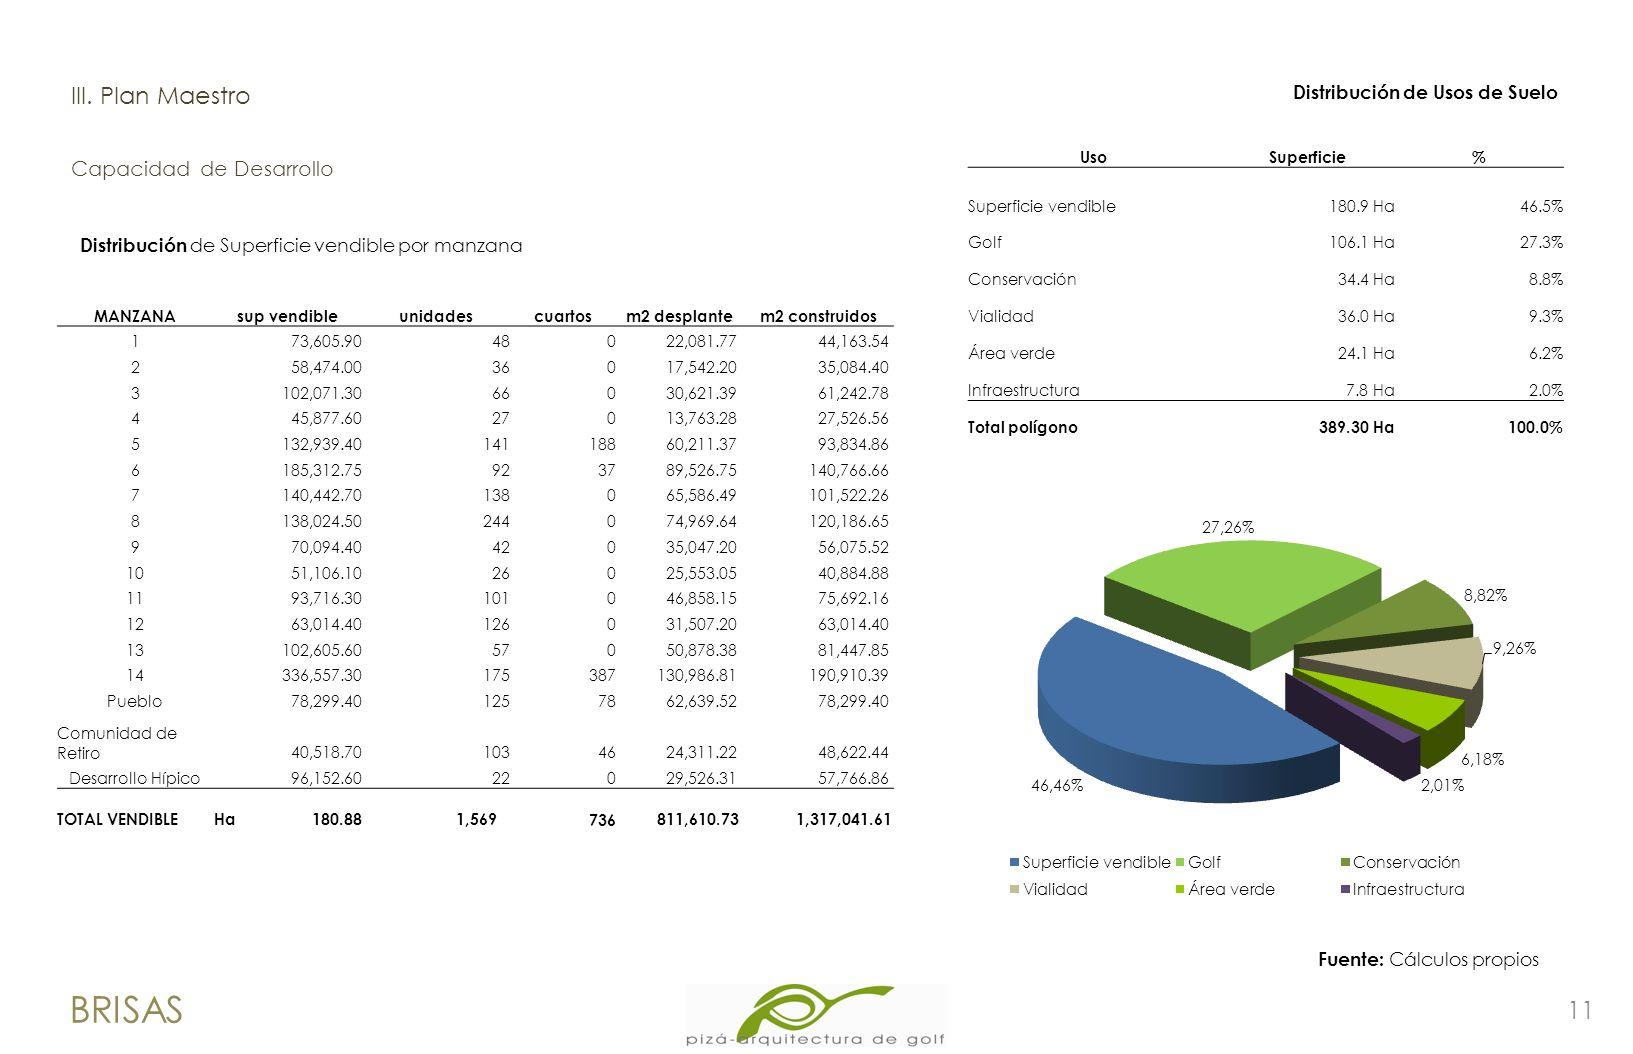 11 BRISAS lII. Plan Maestro Capacidad de Desarrollo Uso Superficie% Superficie vendible180.9 Ha46.5% Golf106.1 Ha27.3% Conservación34.4 Ha8.8% Vialida